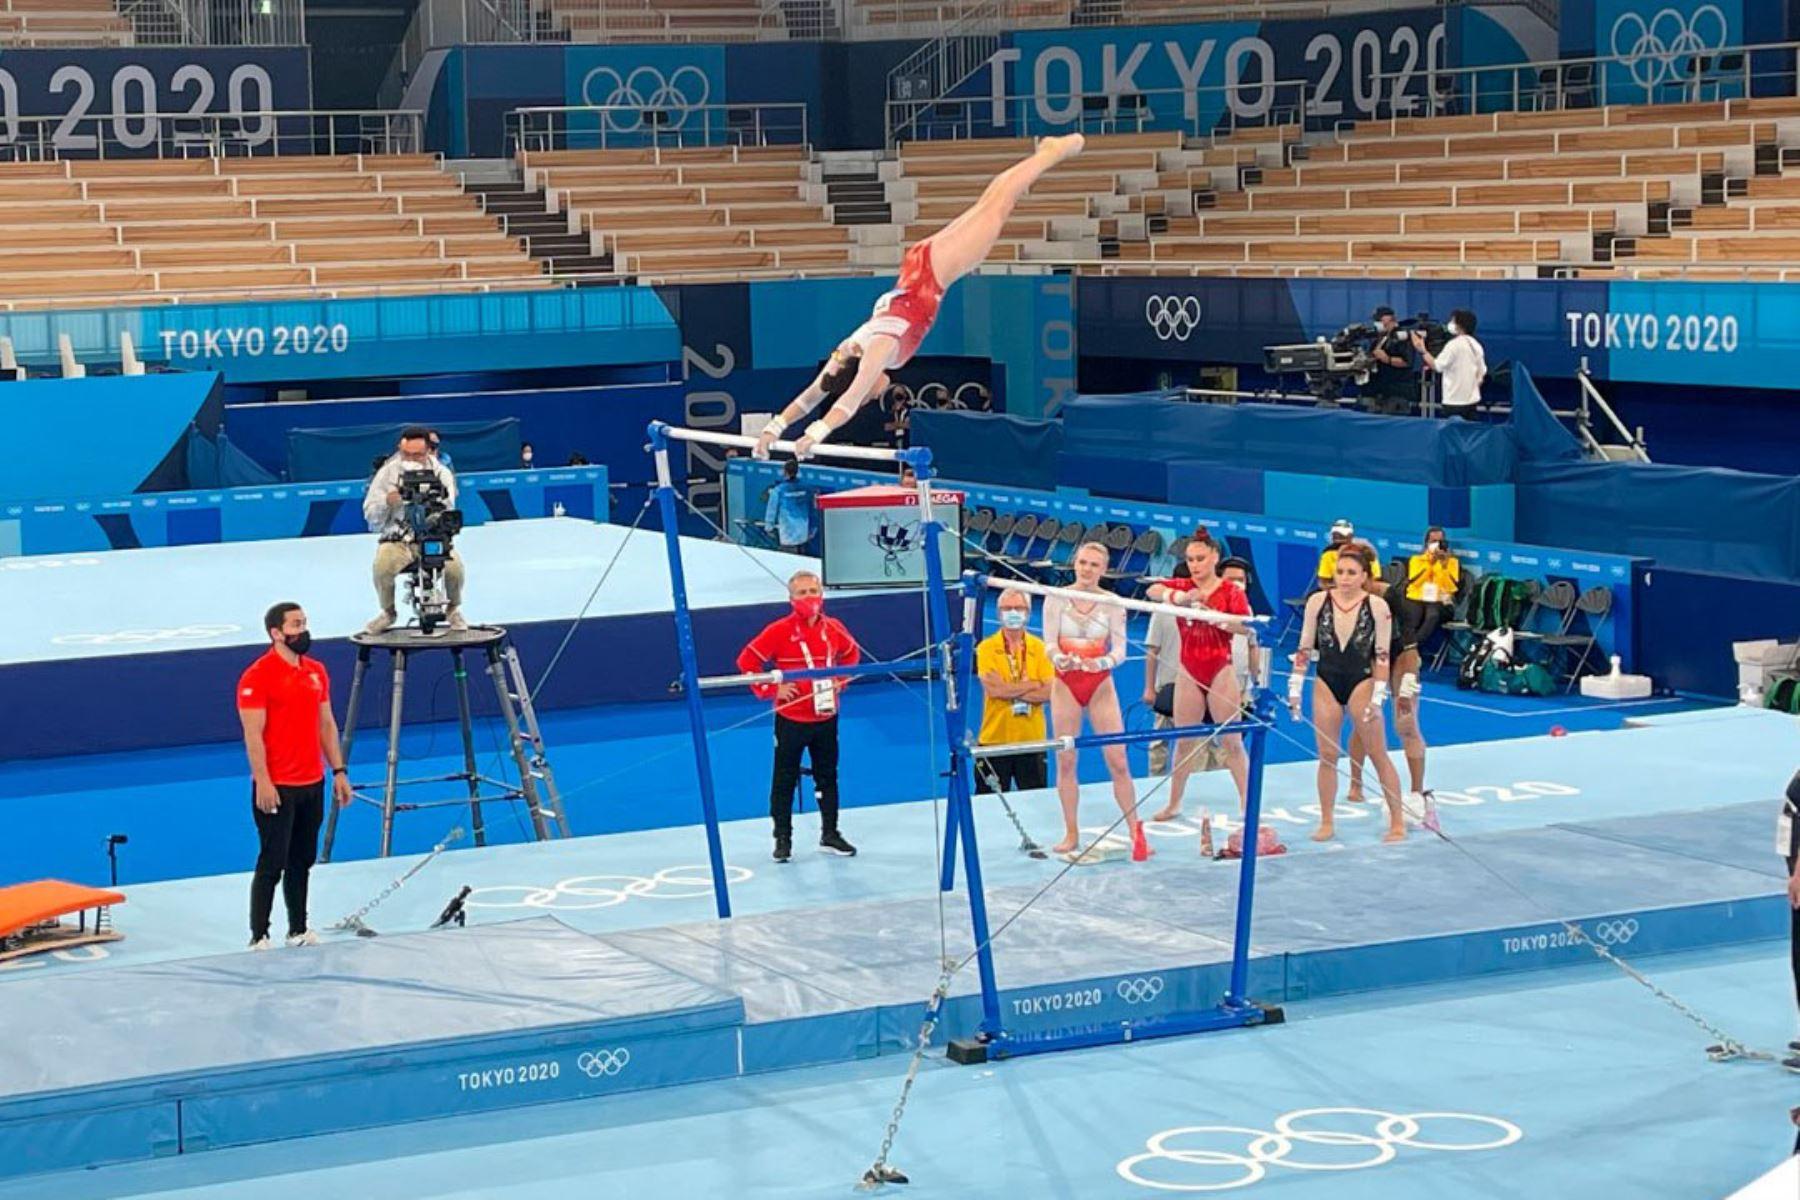 La gimnasta Ariana Orrego hizo su participación en los Juegos Olímpicos Tokio 2020 en el Centro de Gimnasia de Ariake. La peruana, fue parte de la subdivisión tres de la competencia, enfrentándose a grandes atletas como la reconocida y medallista Simone Biles.  Foto Comité Olímpico Peruano